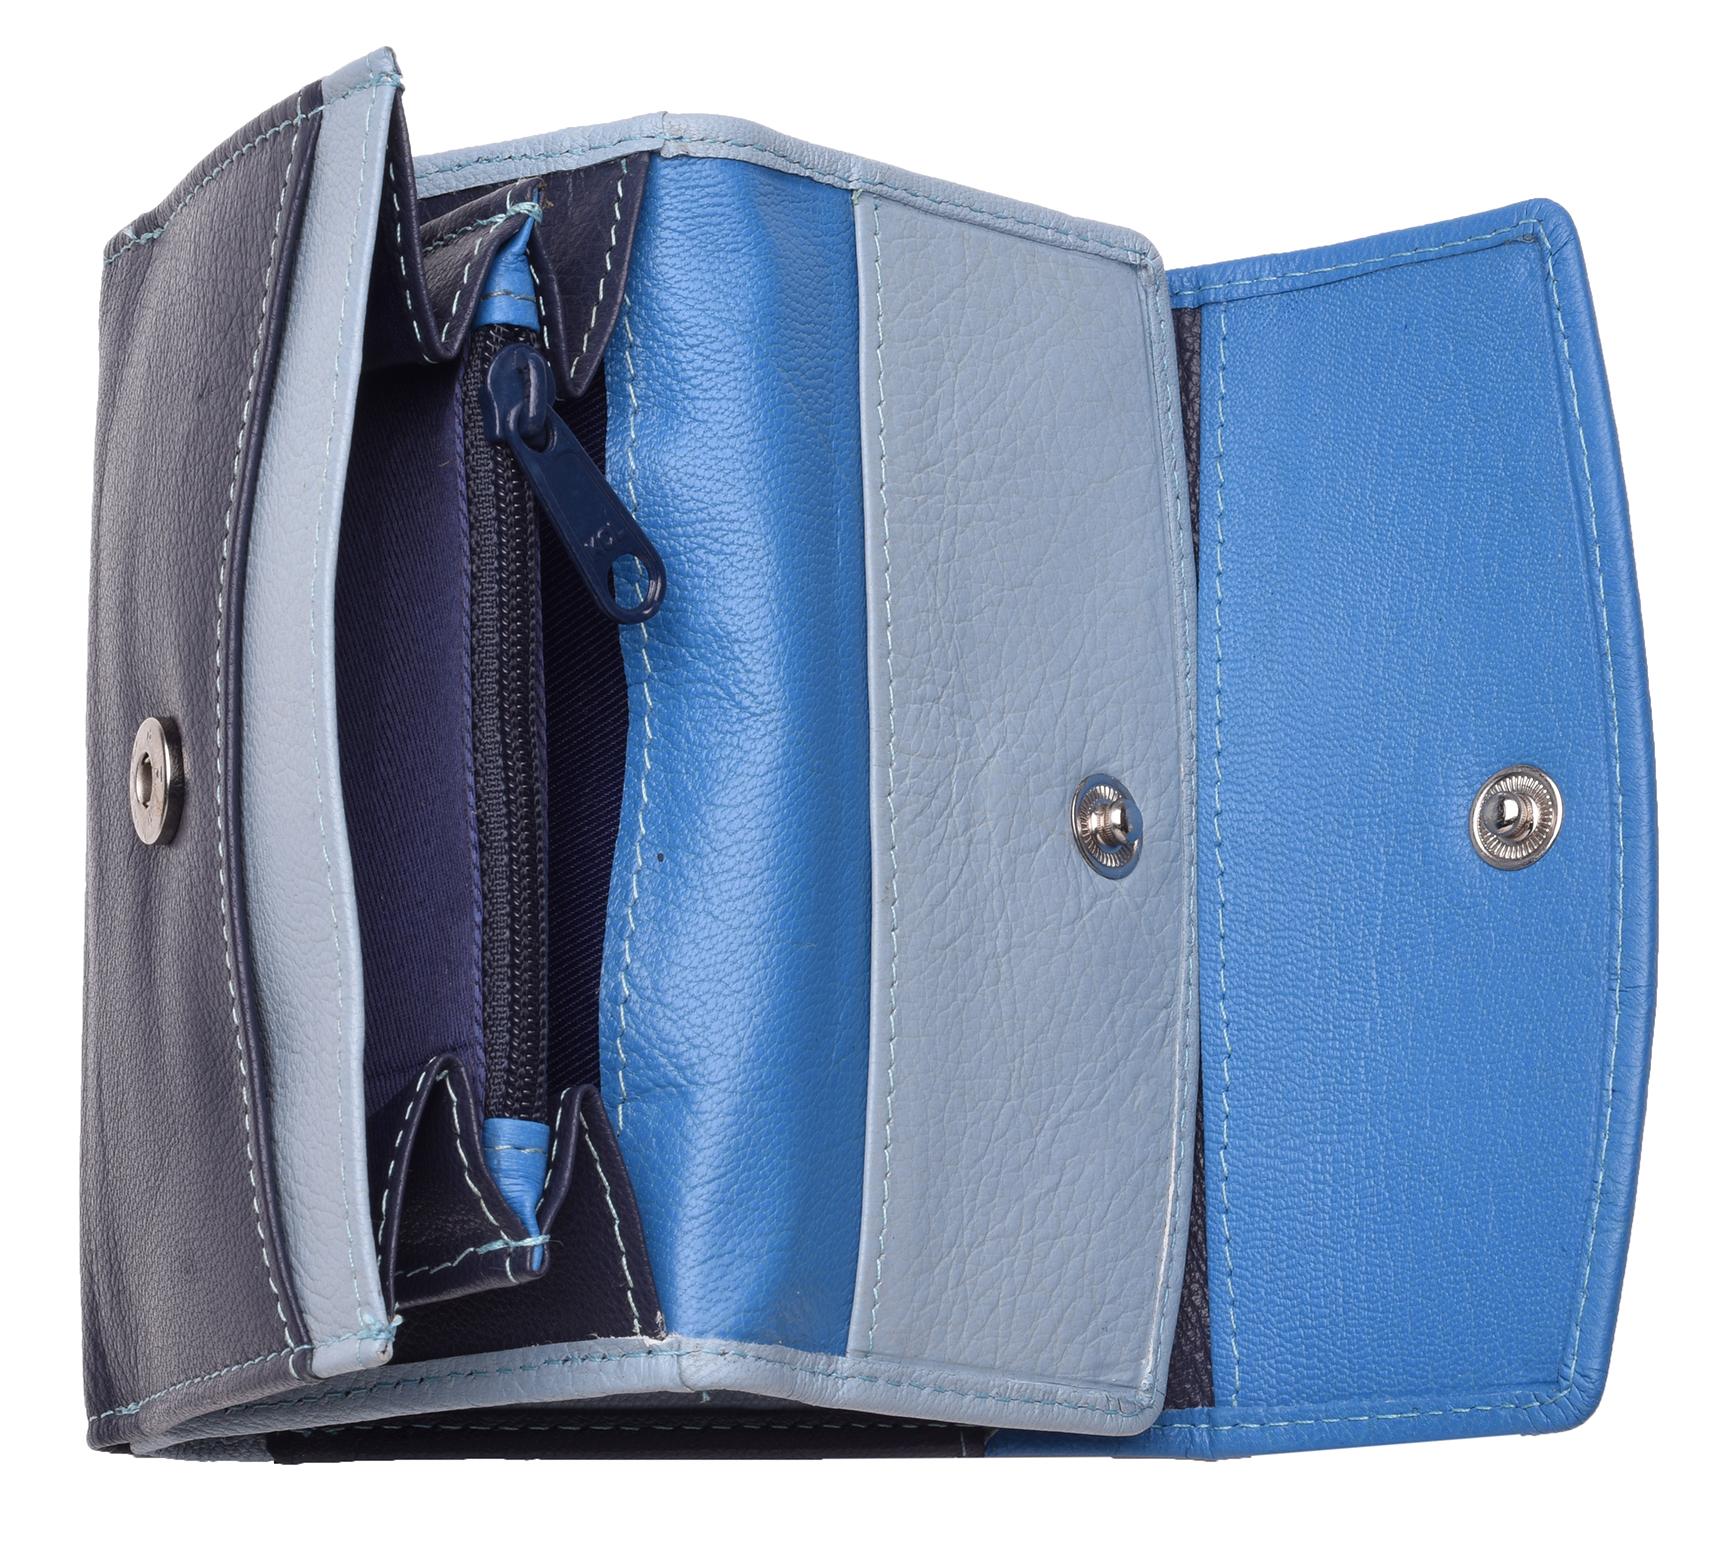 Femme-Multi-Couleur-RFID-Bloquant-en-cuir-veritable-sac-a-main-bleu-violet-noir miniature 19